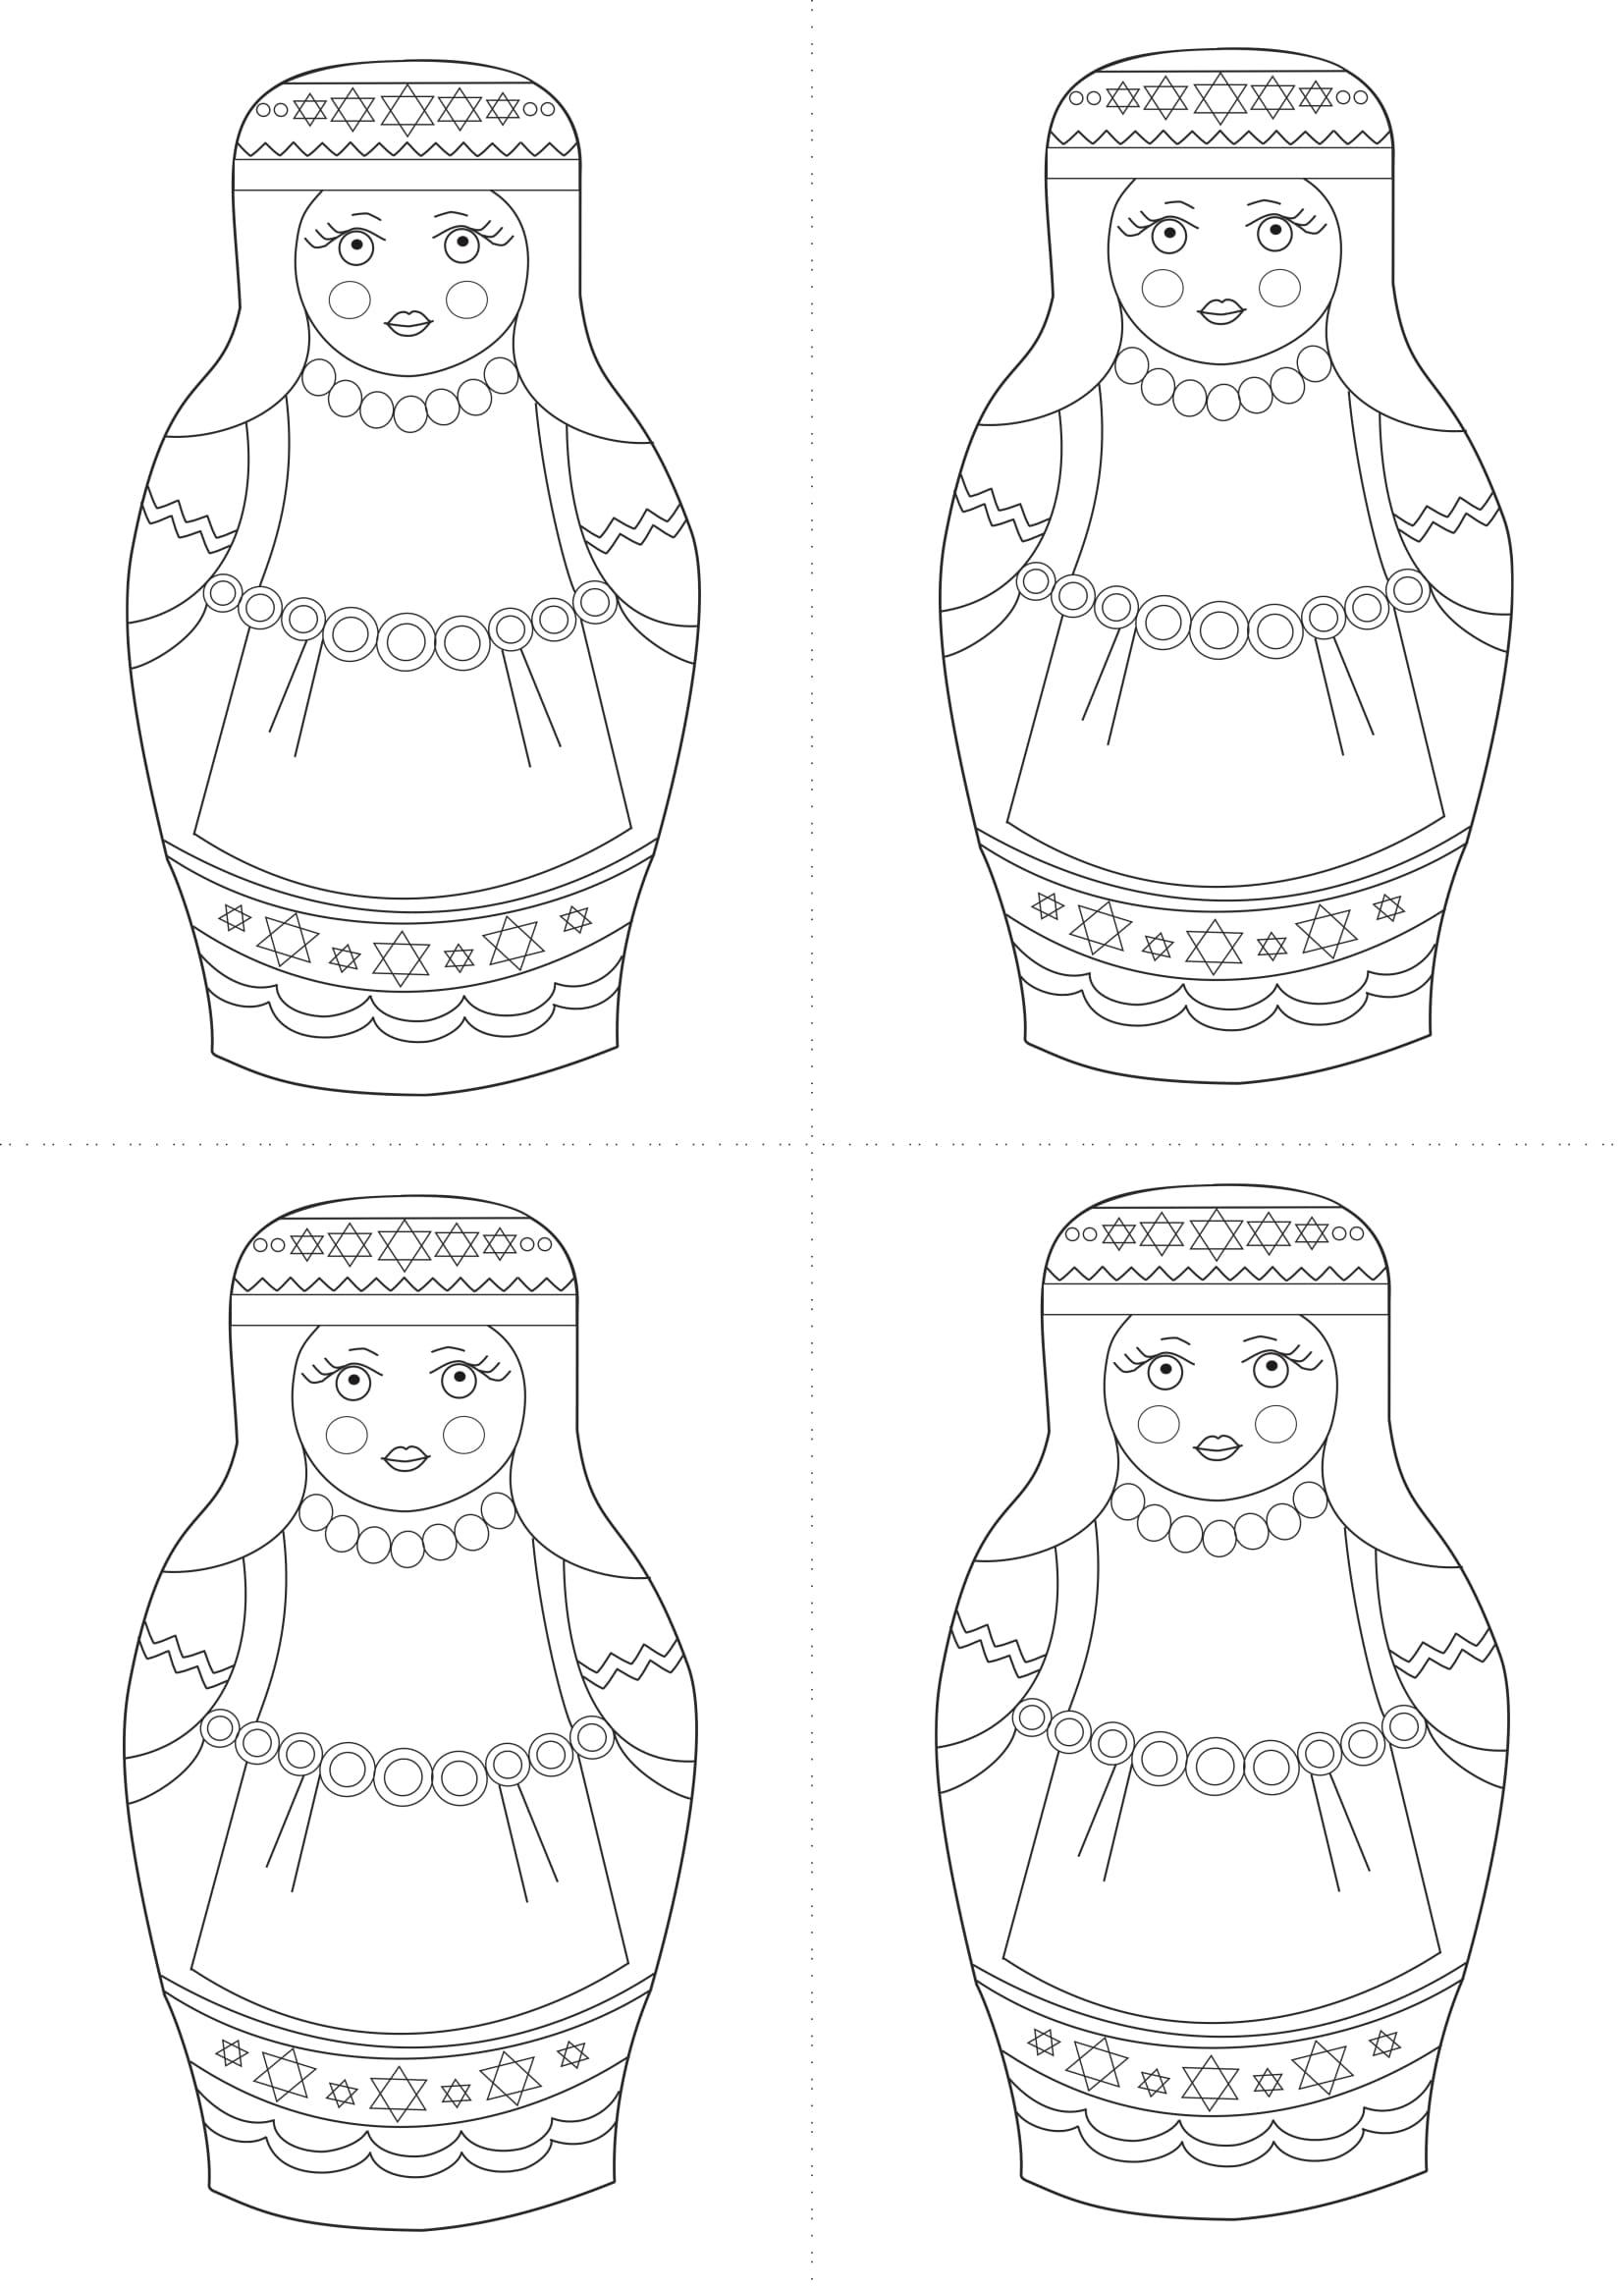 Раскраска шаблон матрёшки еврейки для рисования